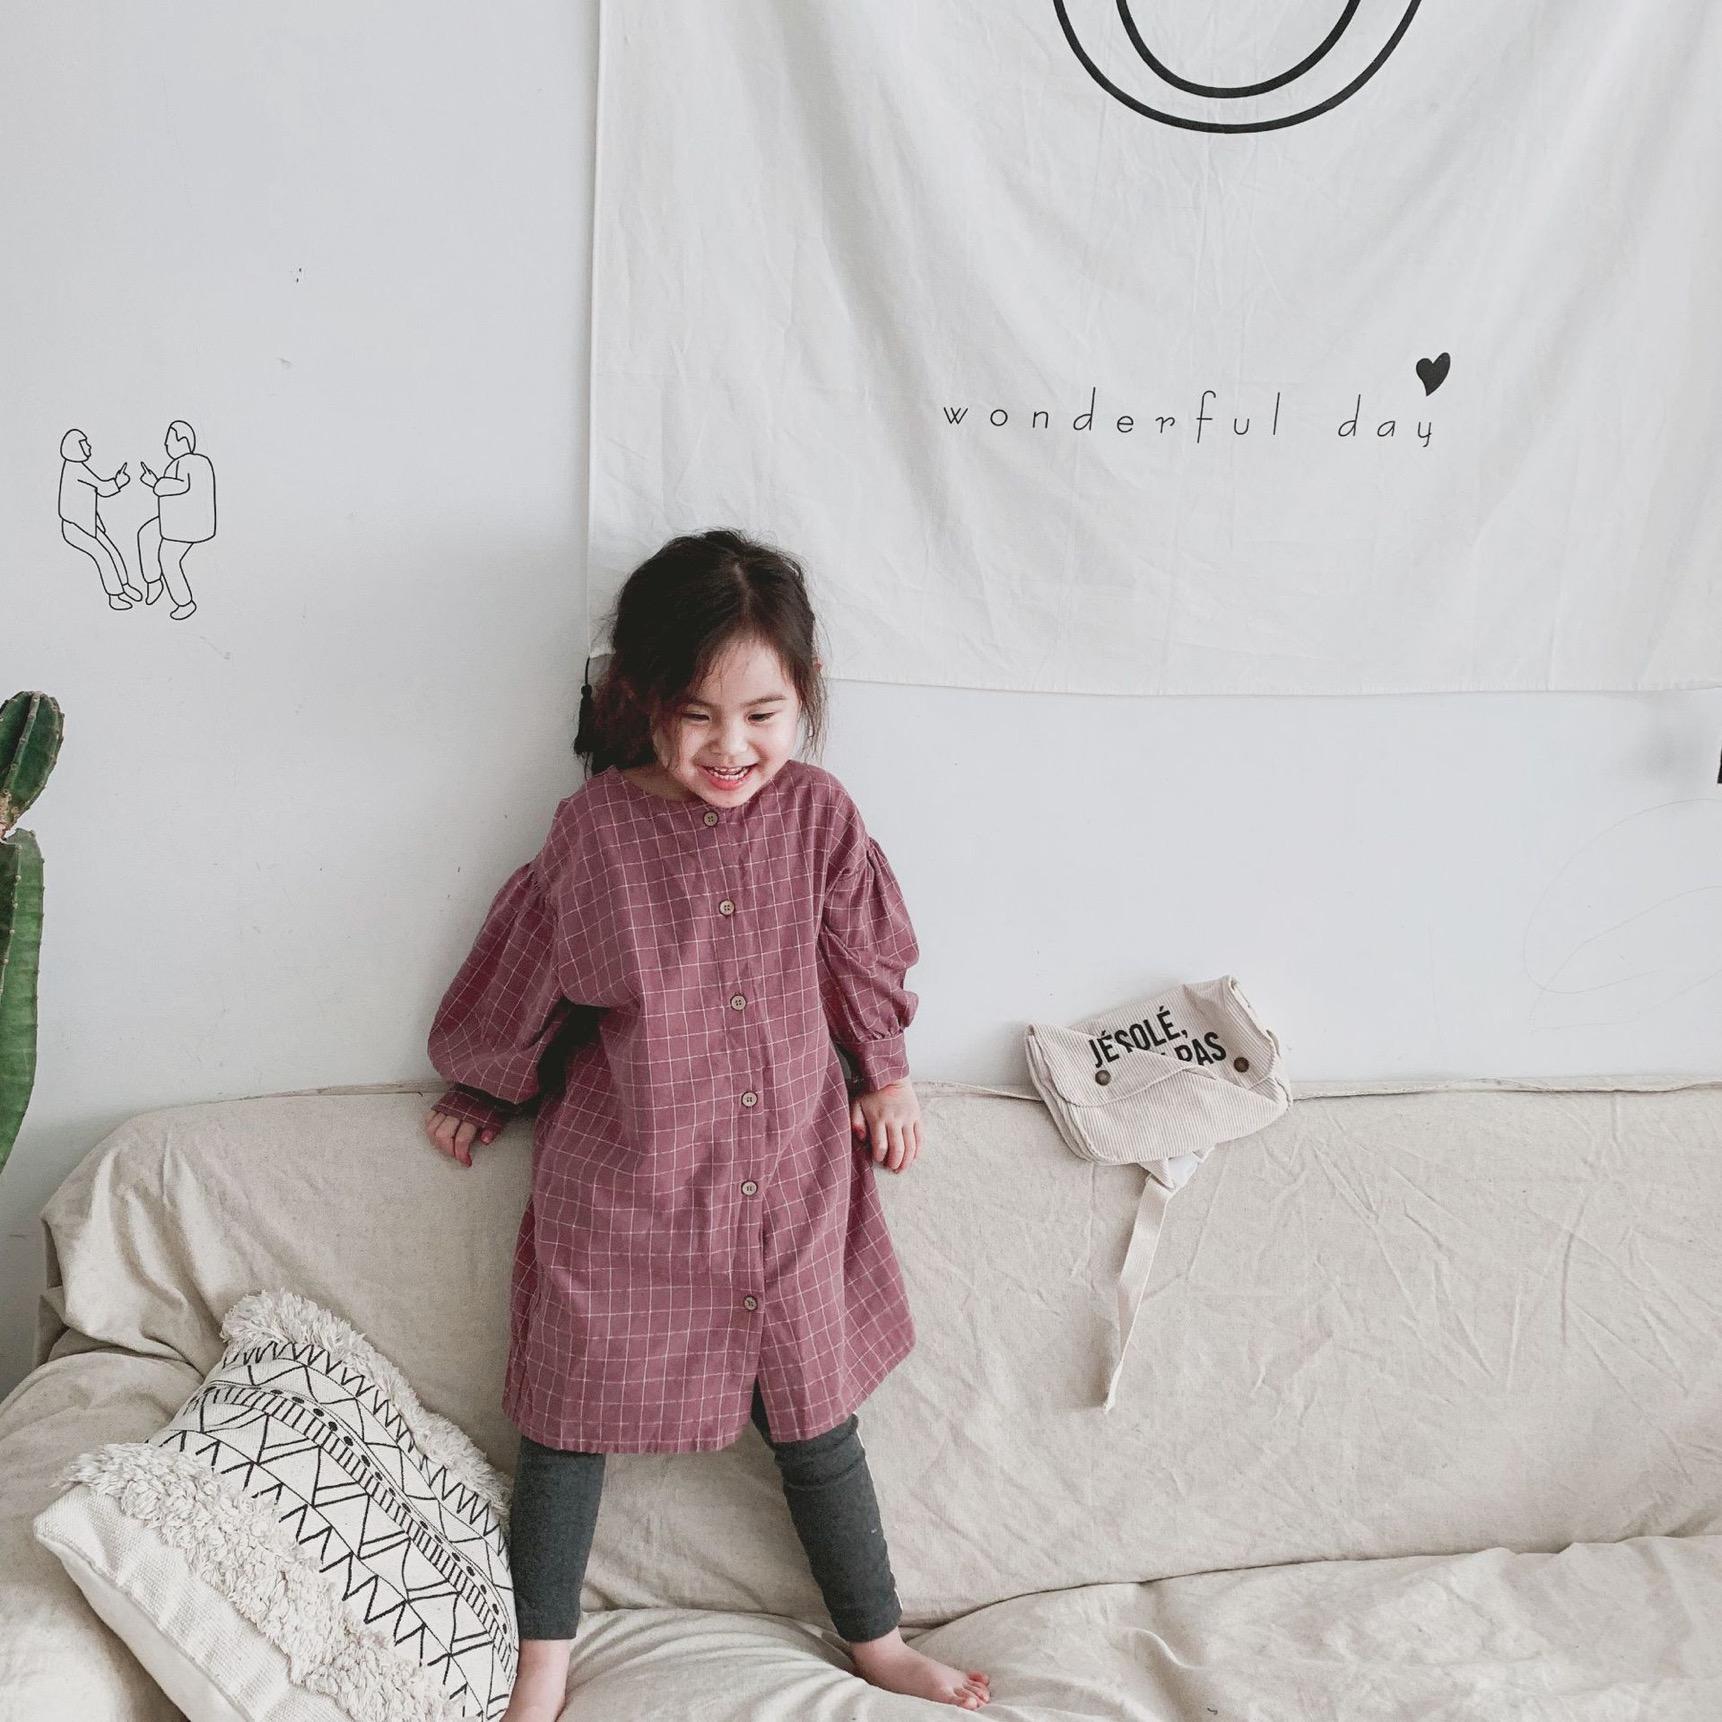 FM coréen qualité ins faude enfants petites filles lin bio robes de coton robes à carreaux enfants filles filles boutons frontes robe de princesse